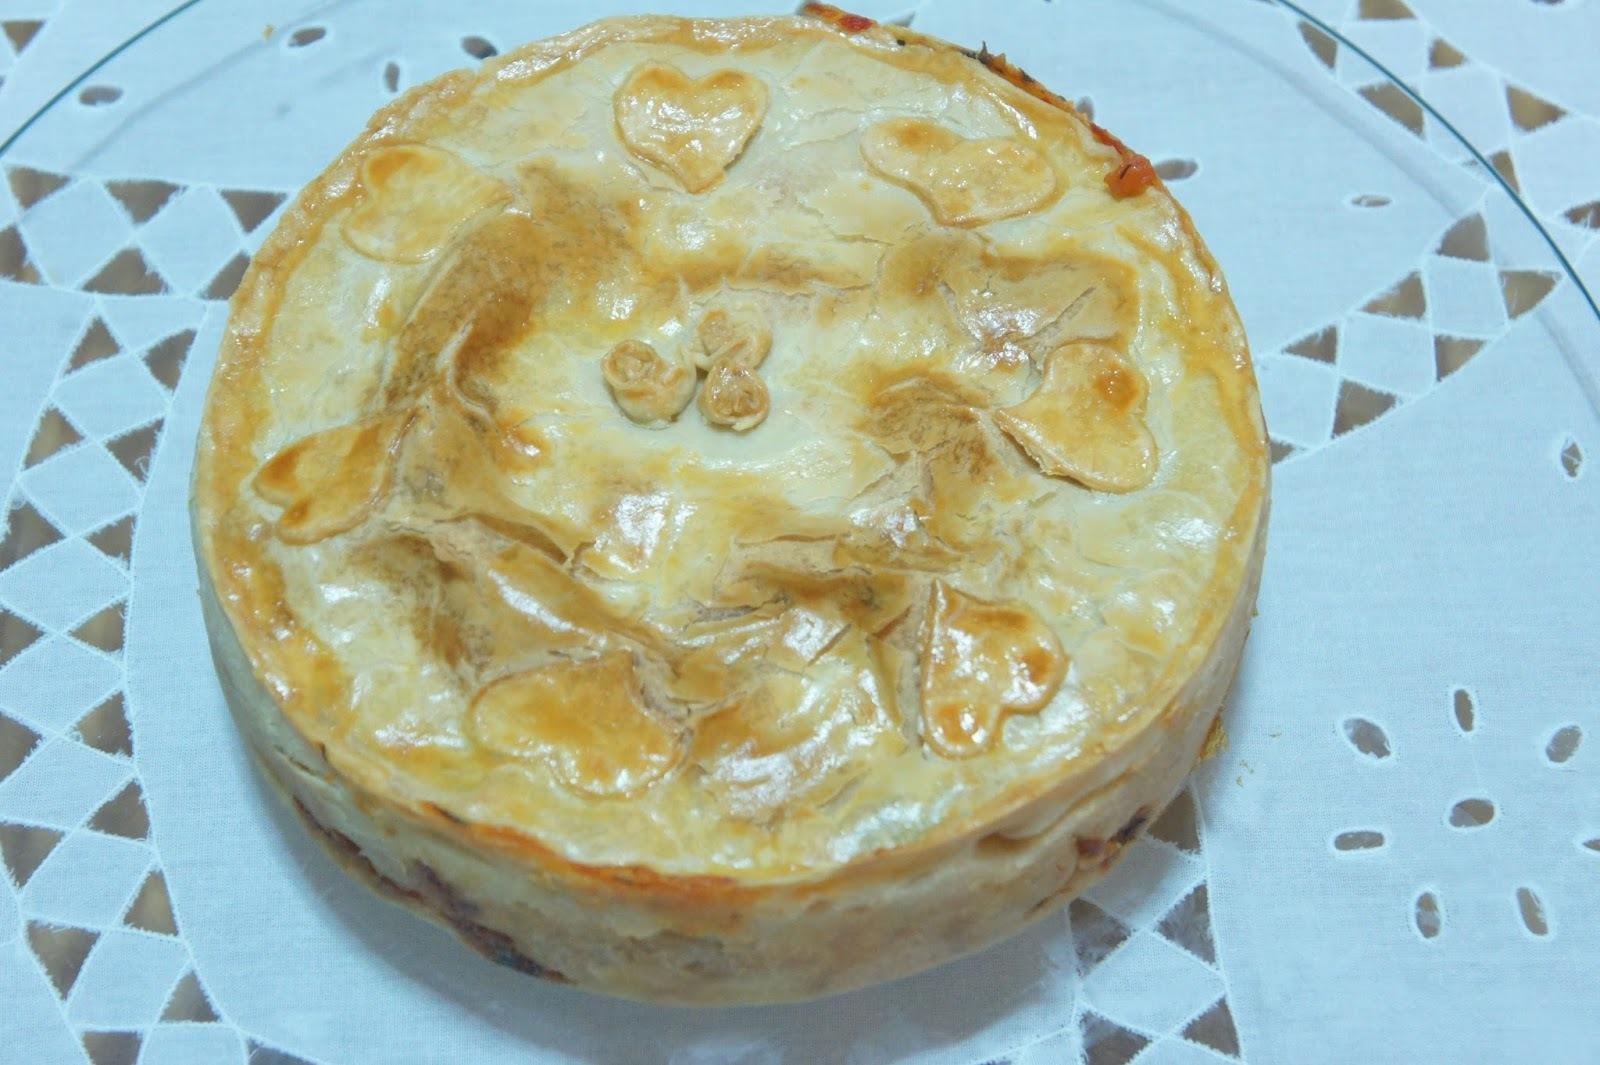 TORTA DE BACALHAU E TORTA DE FRANGO COM CATUPIRY